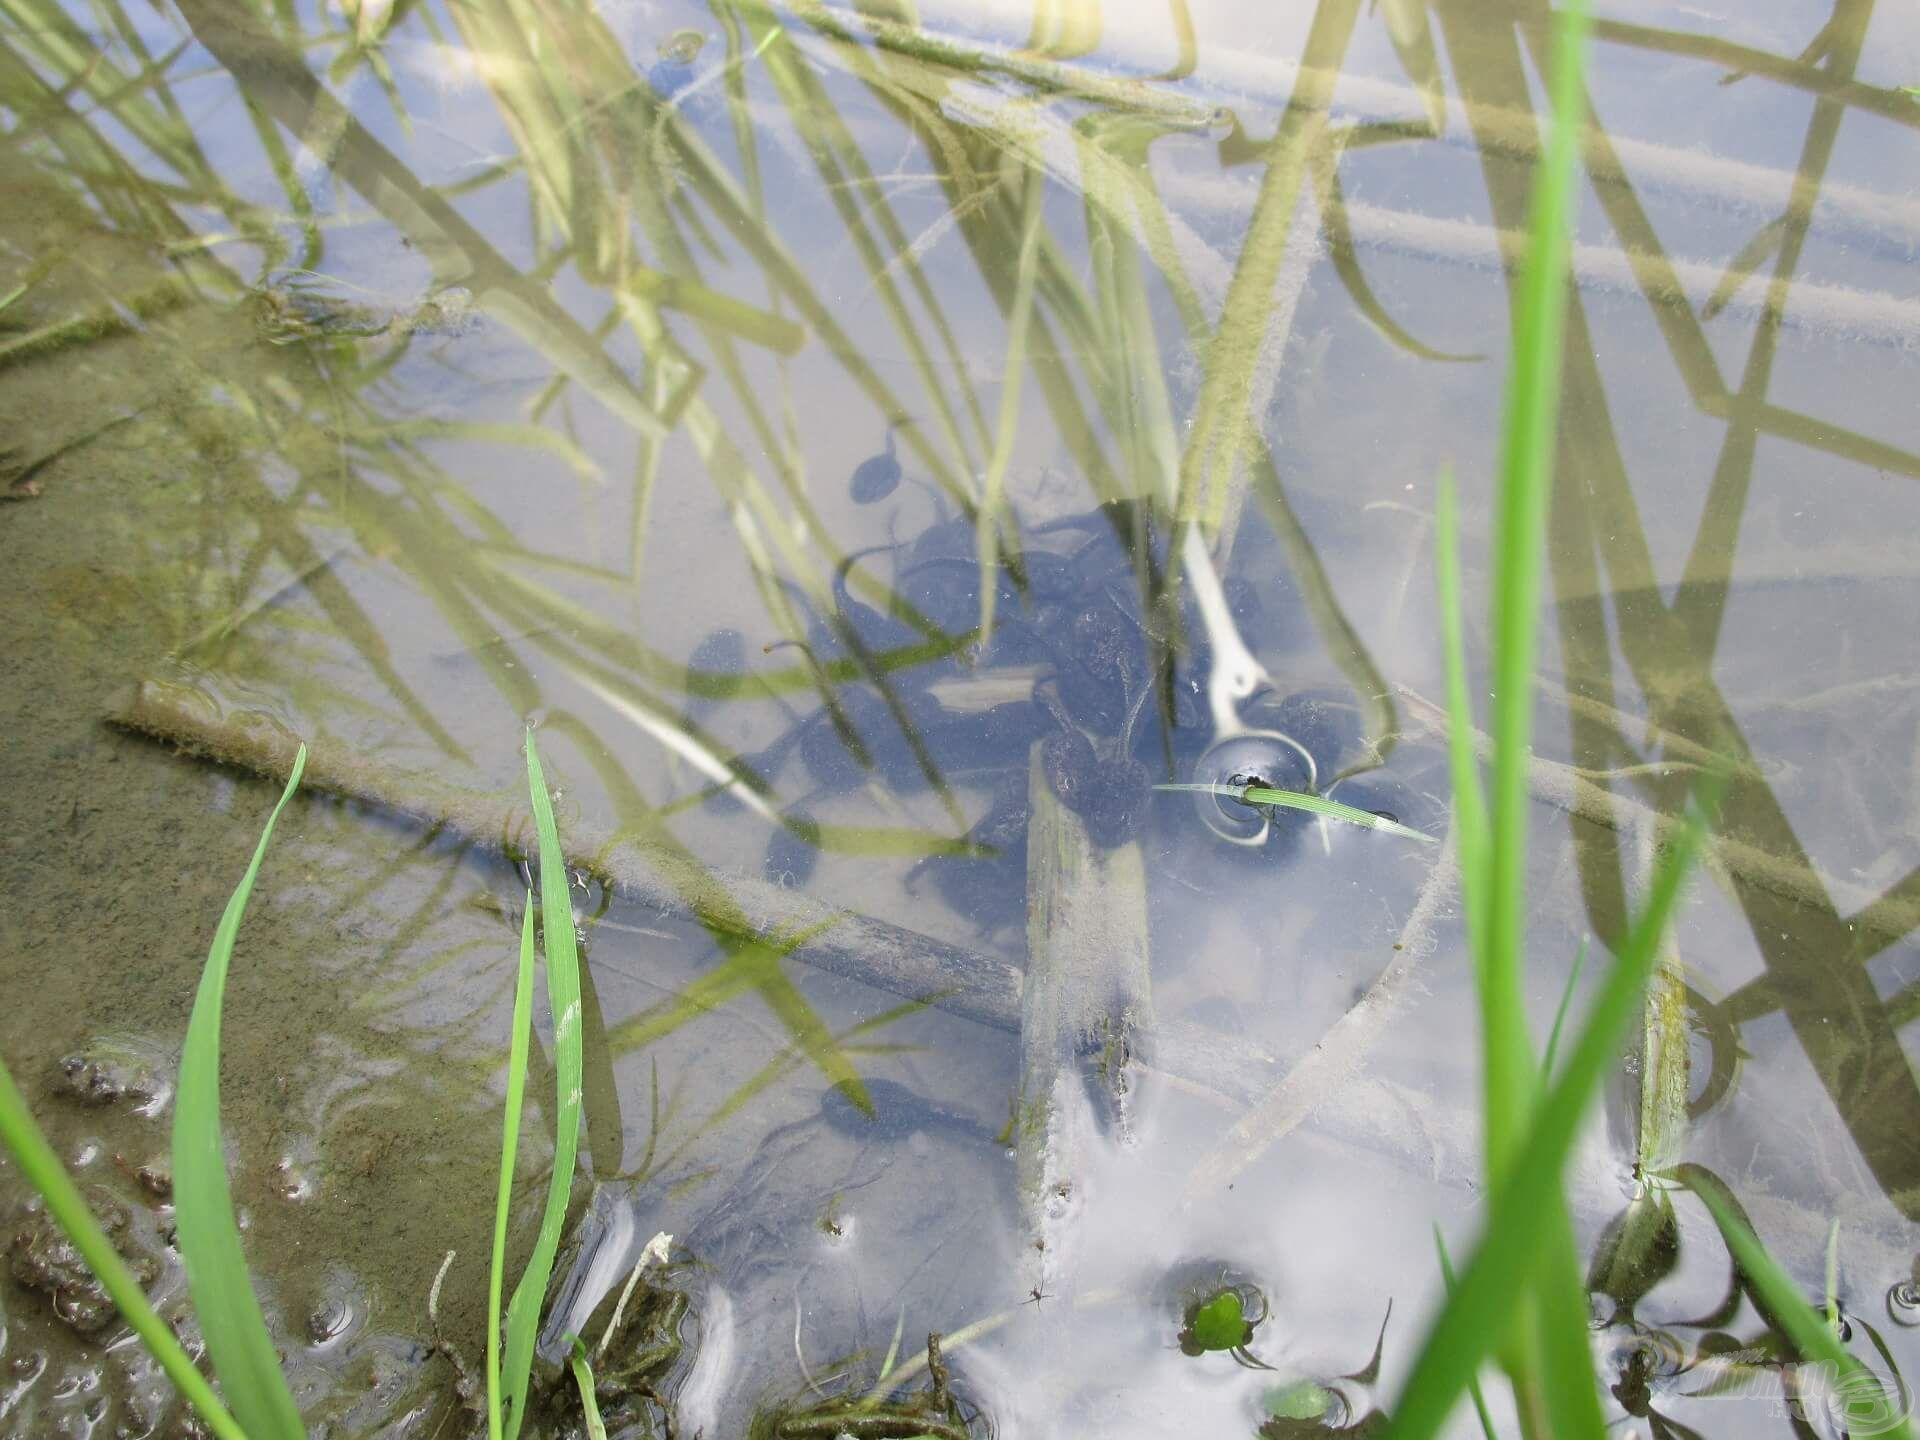 Az ebihalak fiatal korukban még csoportosan úszkálnak, így nagyobb esélyük van a túlélésre